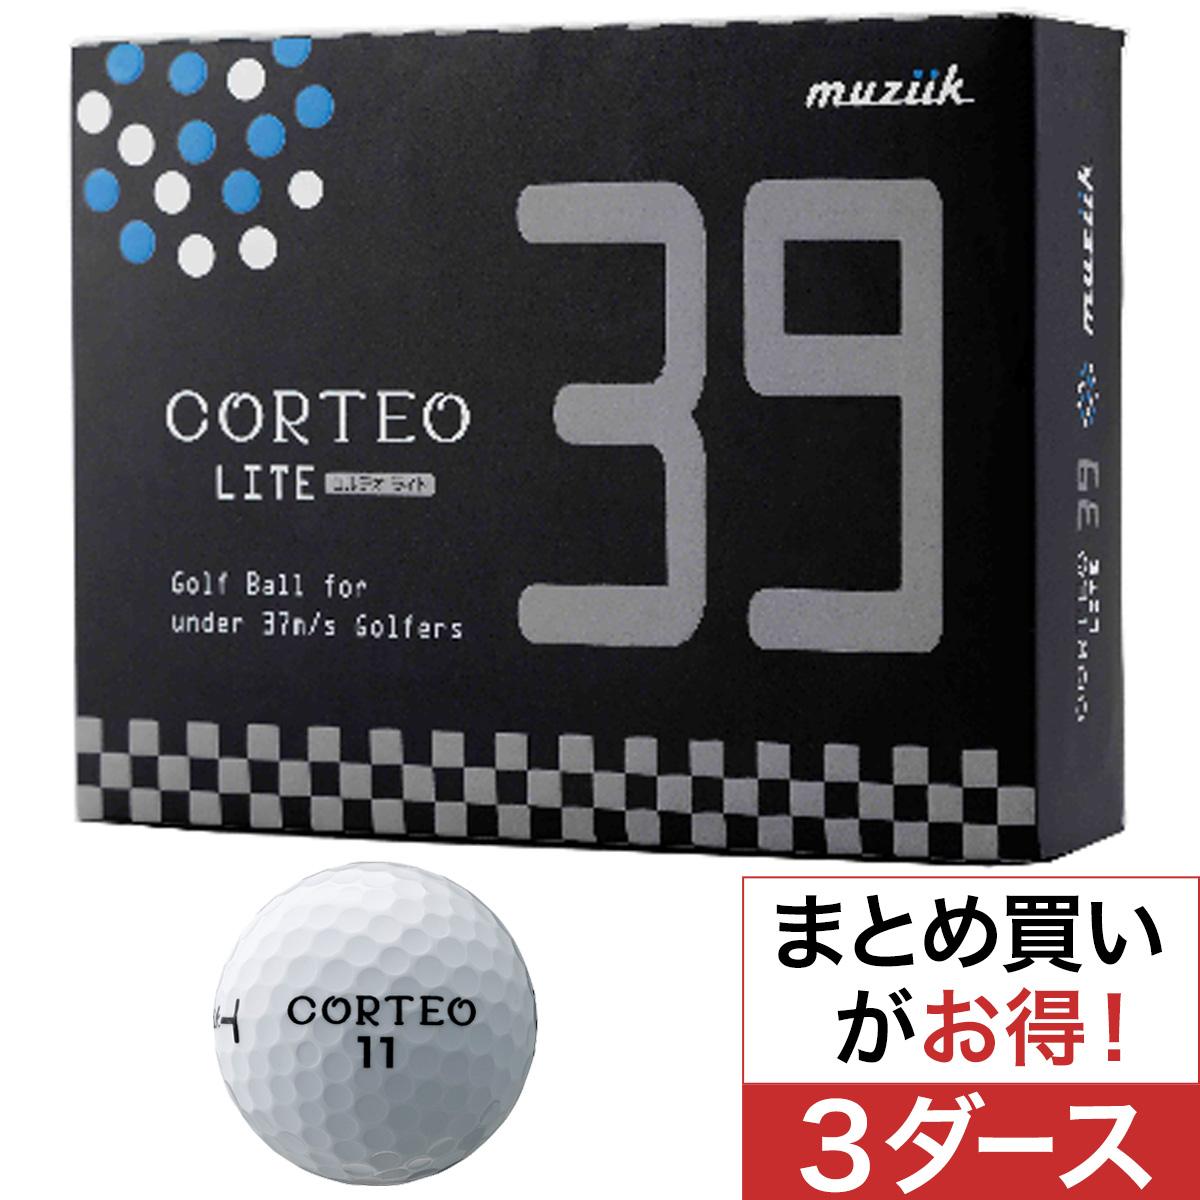 コルテオライト39 ボール 3ダースセットレディス